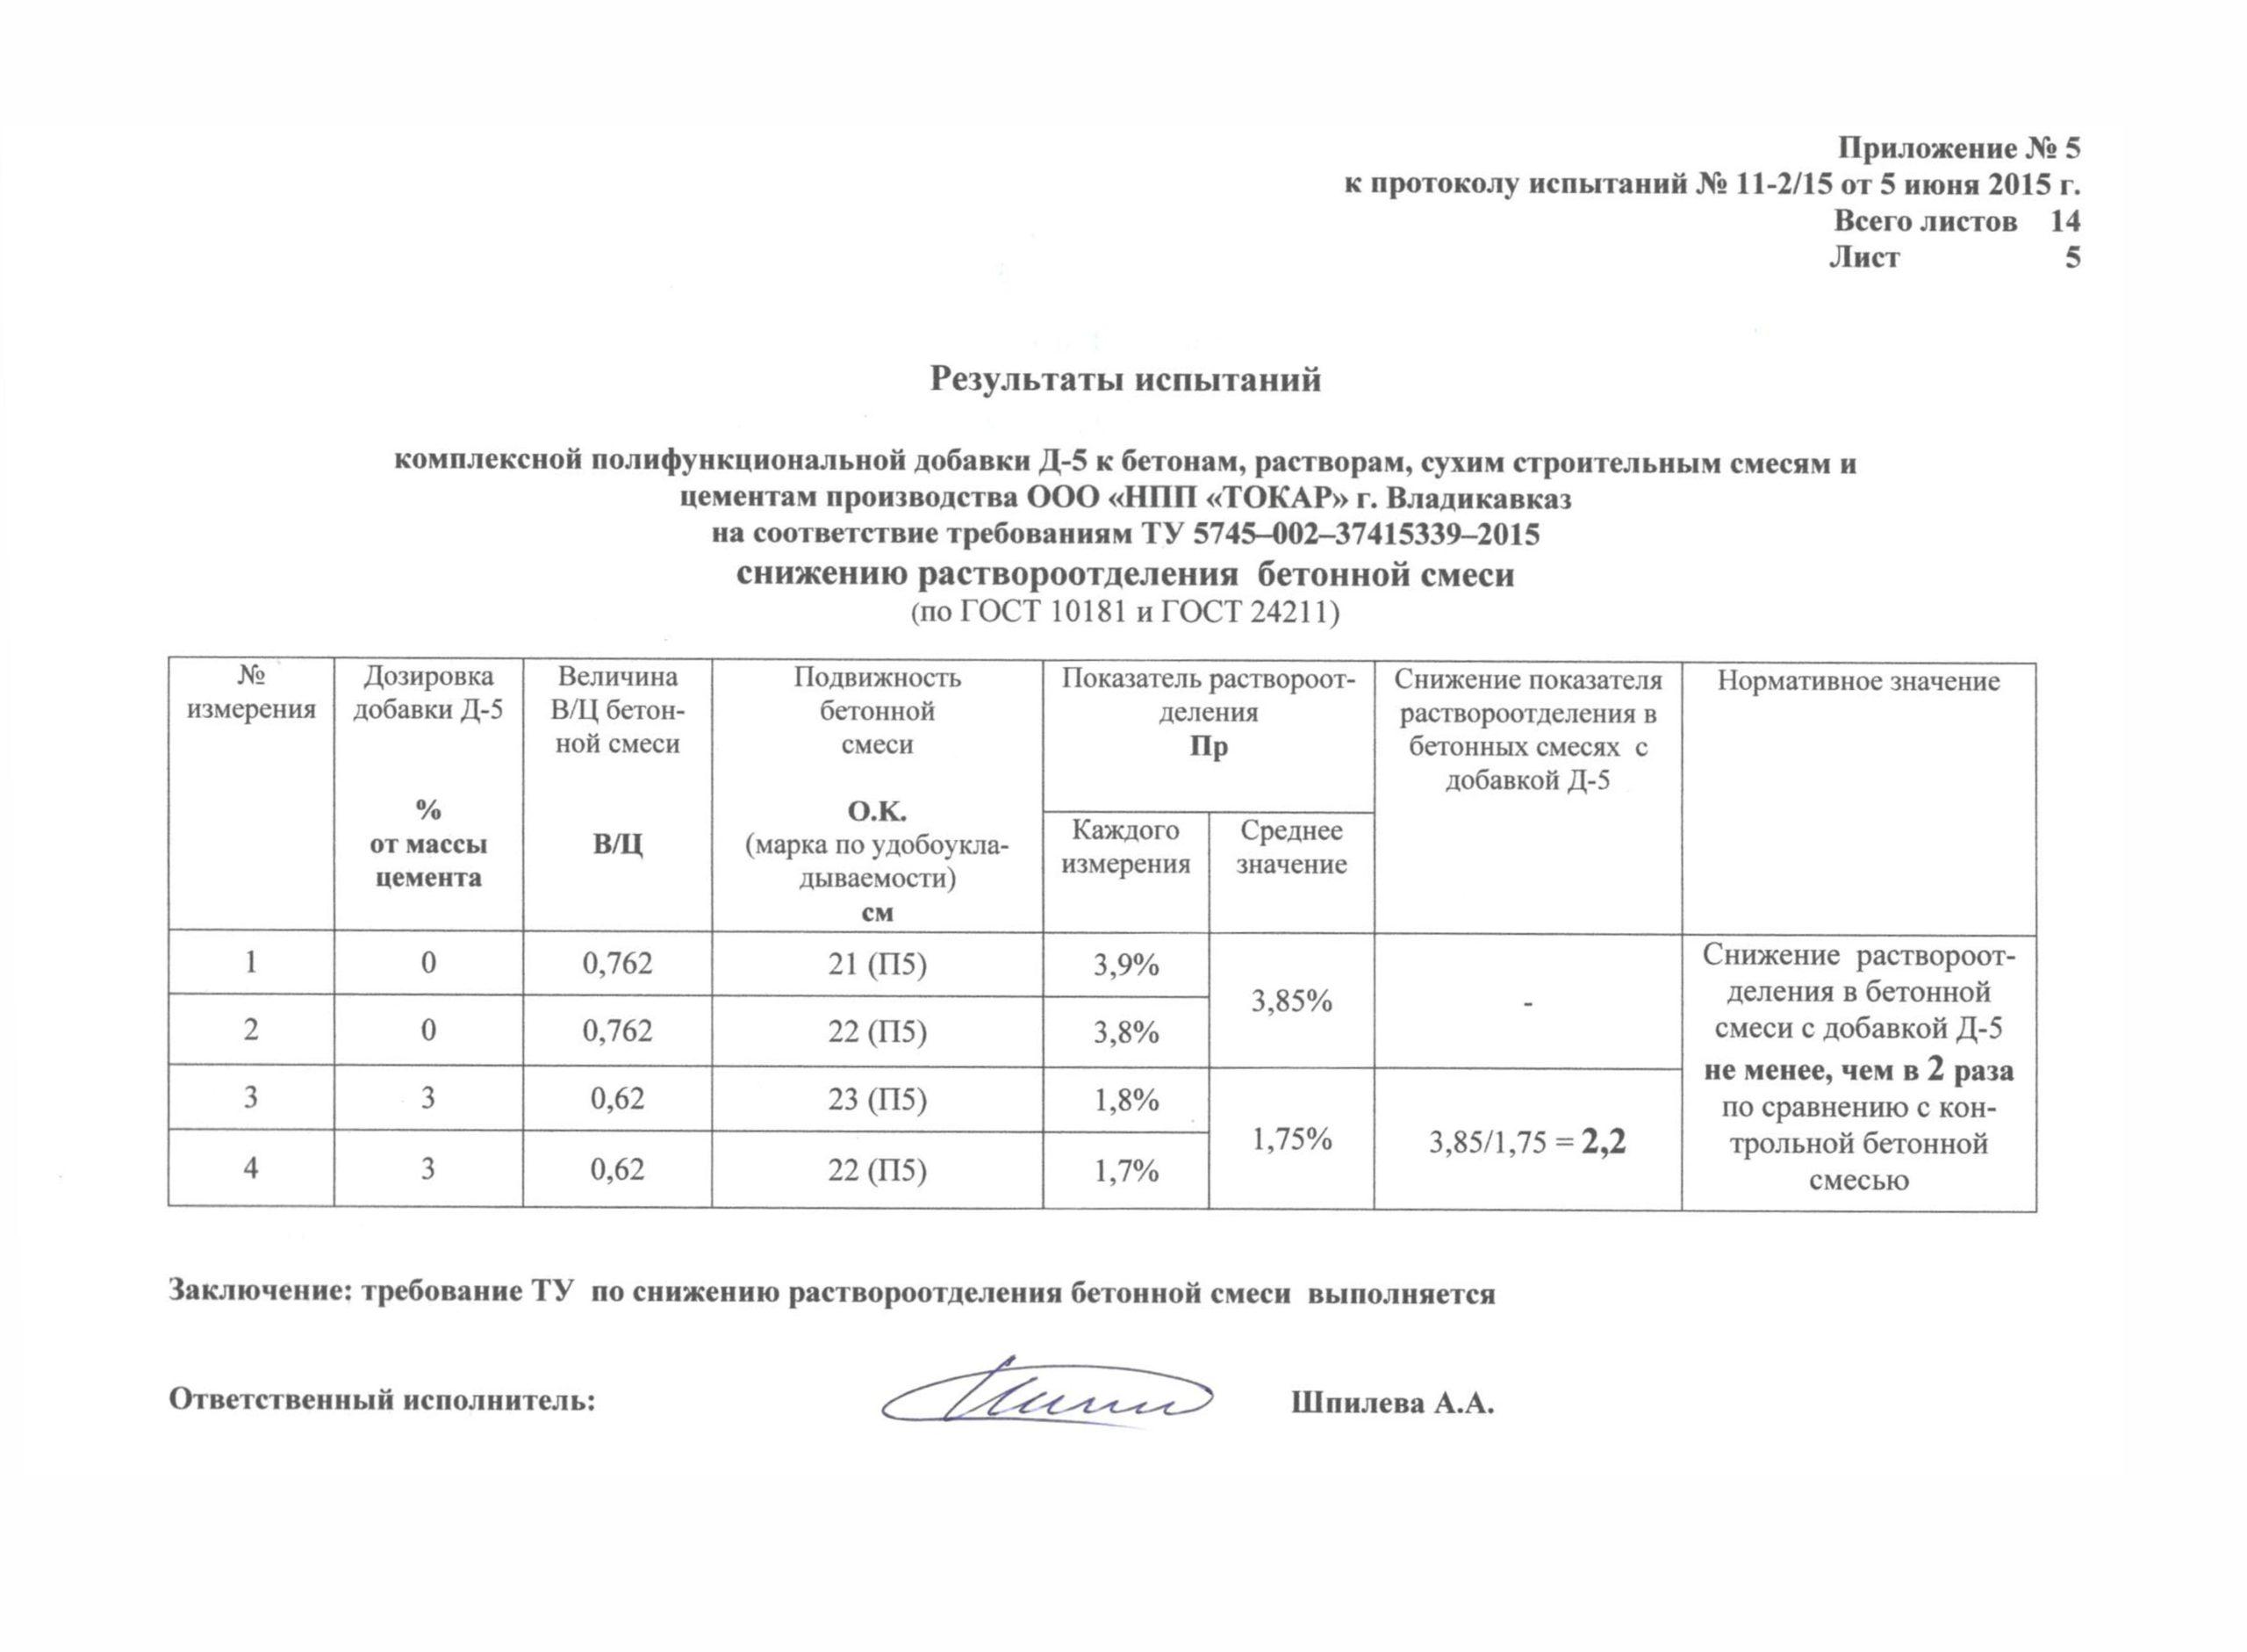 Протокол испытаний на снижение раствороотделения бетонной смеси